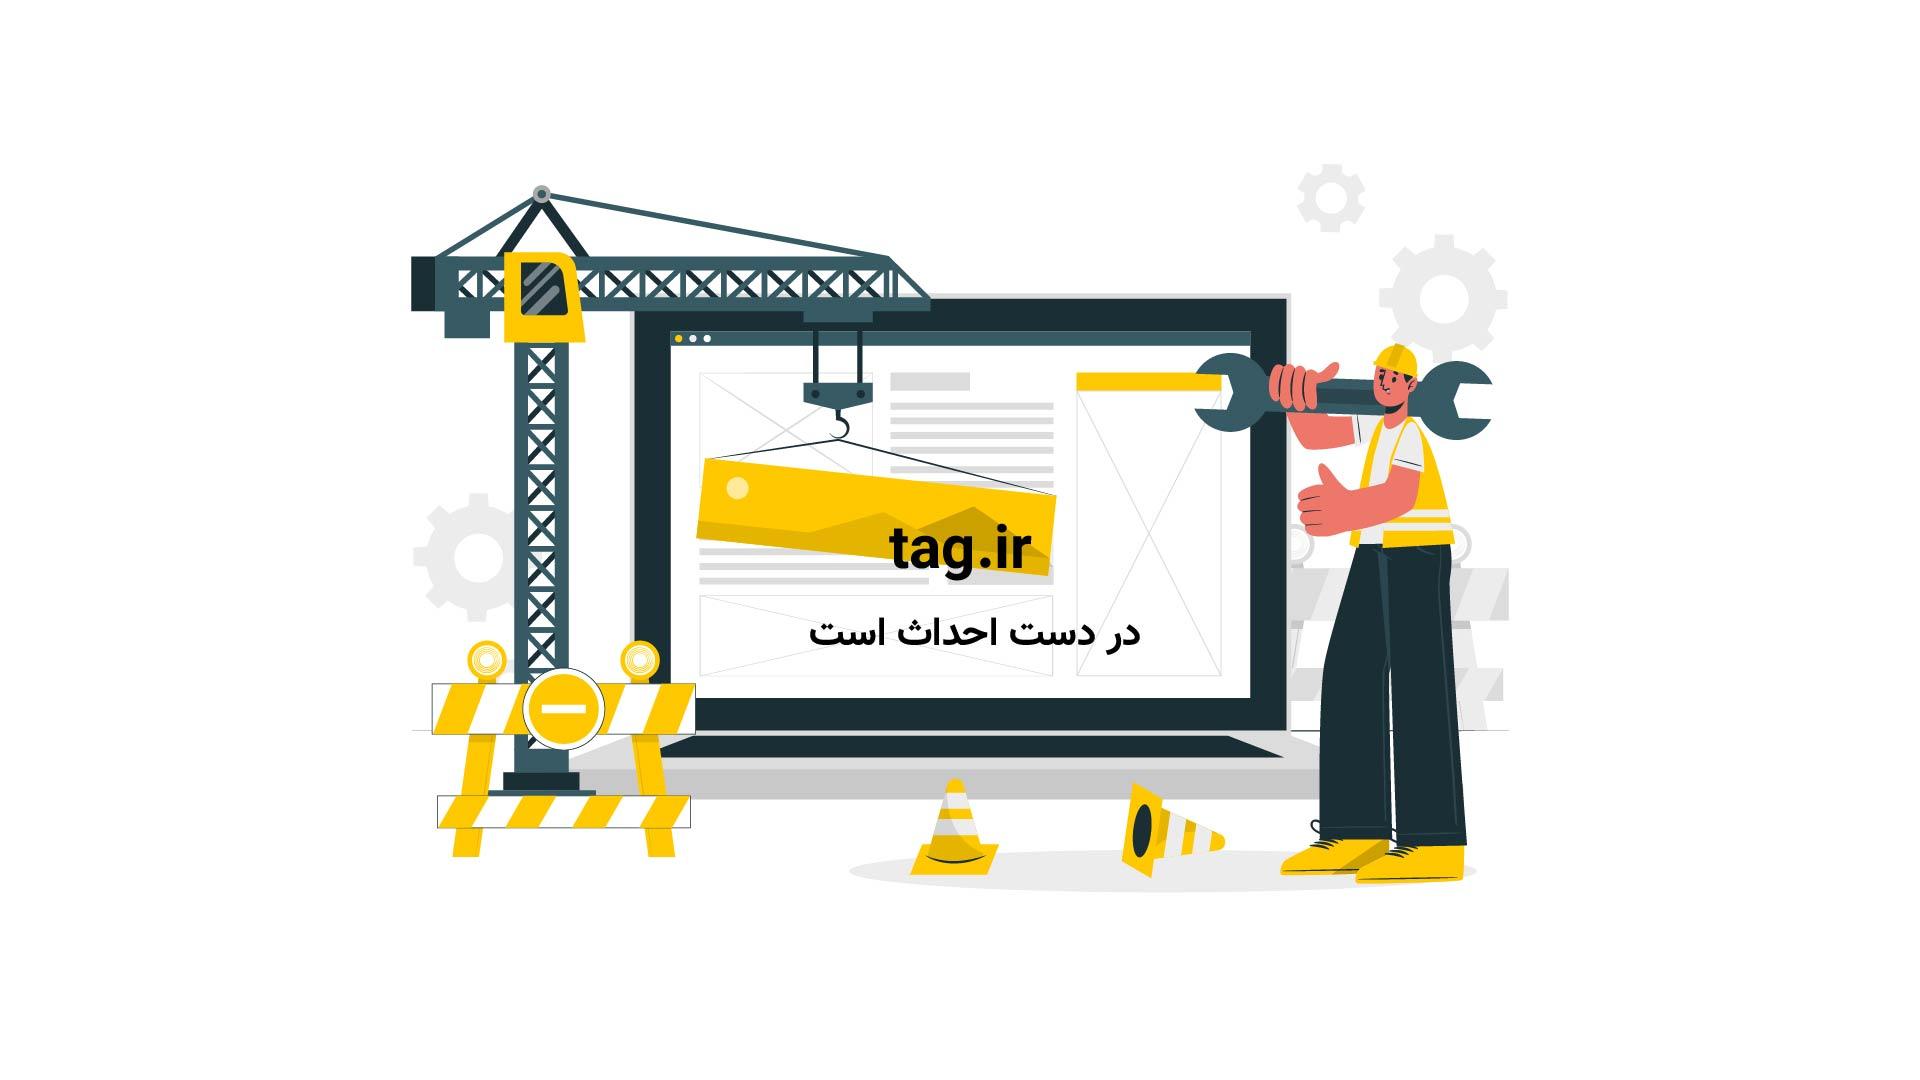 آموزش درست کردن حیوانات مختلف با حوله | فیلم